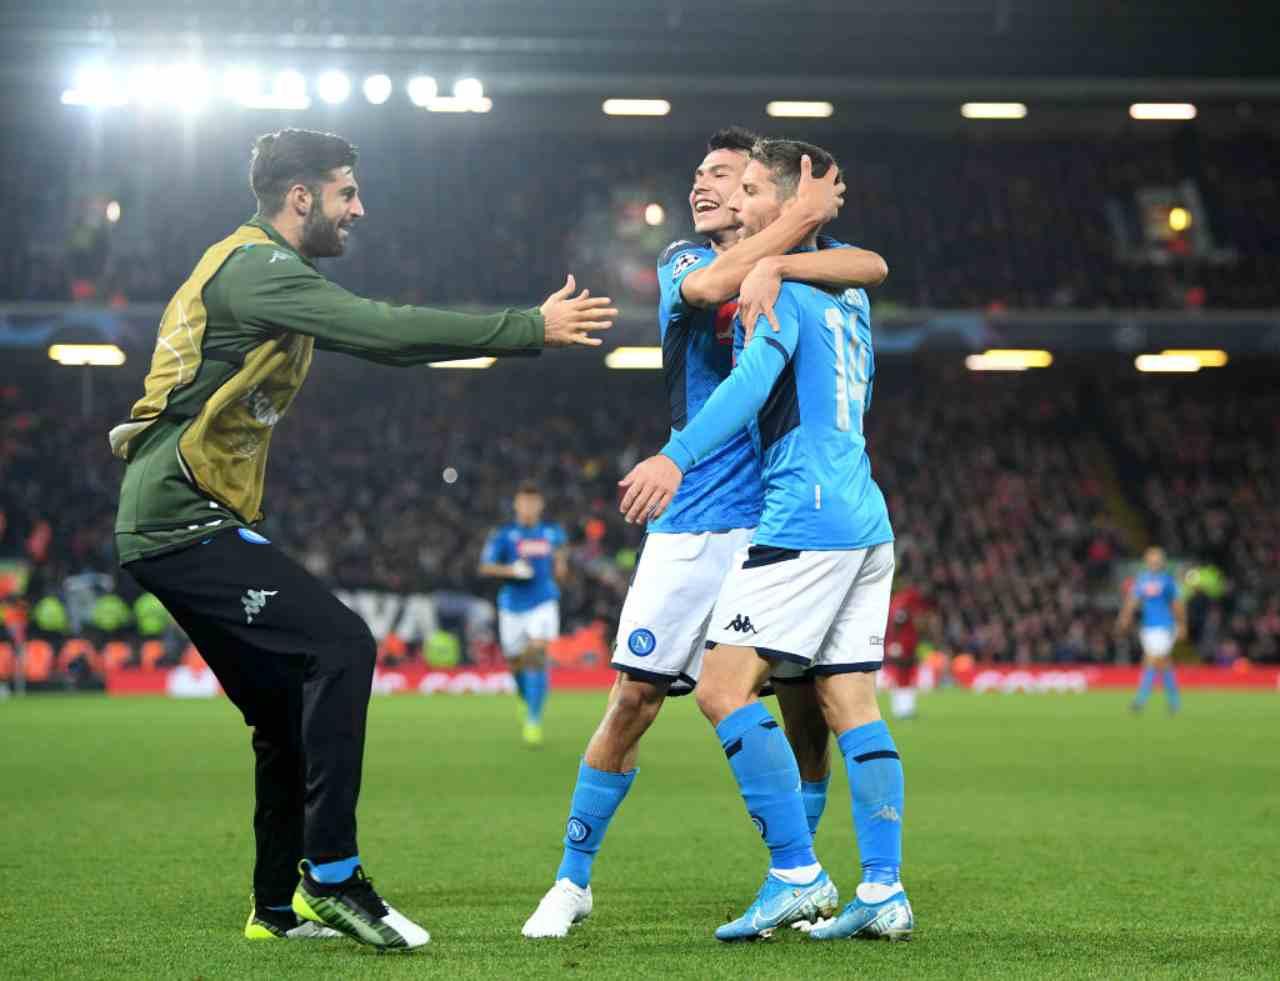 Mertens in gol in Liverpool-Napoli